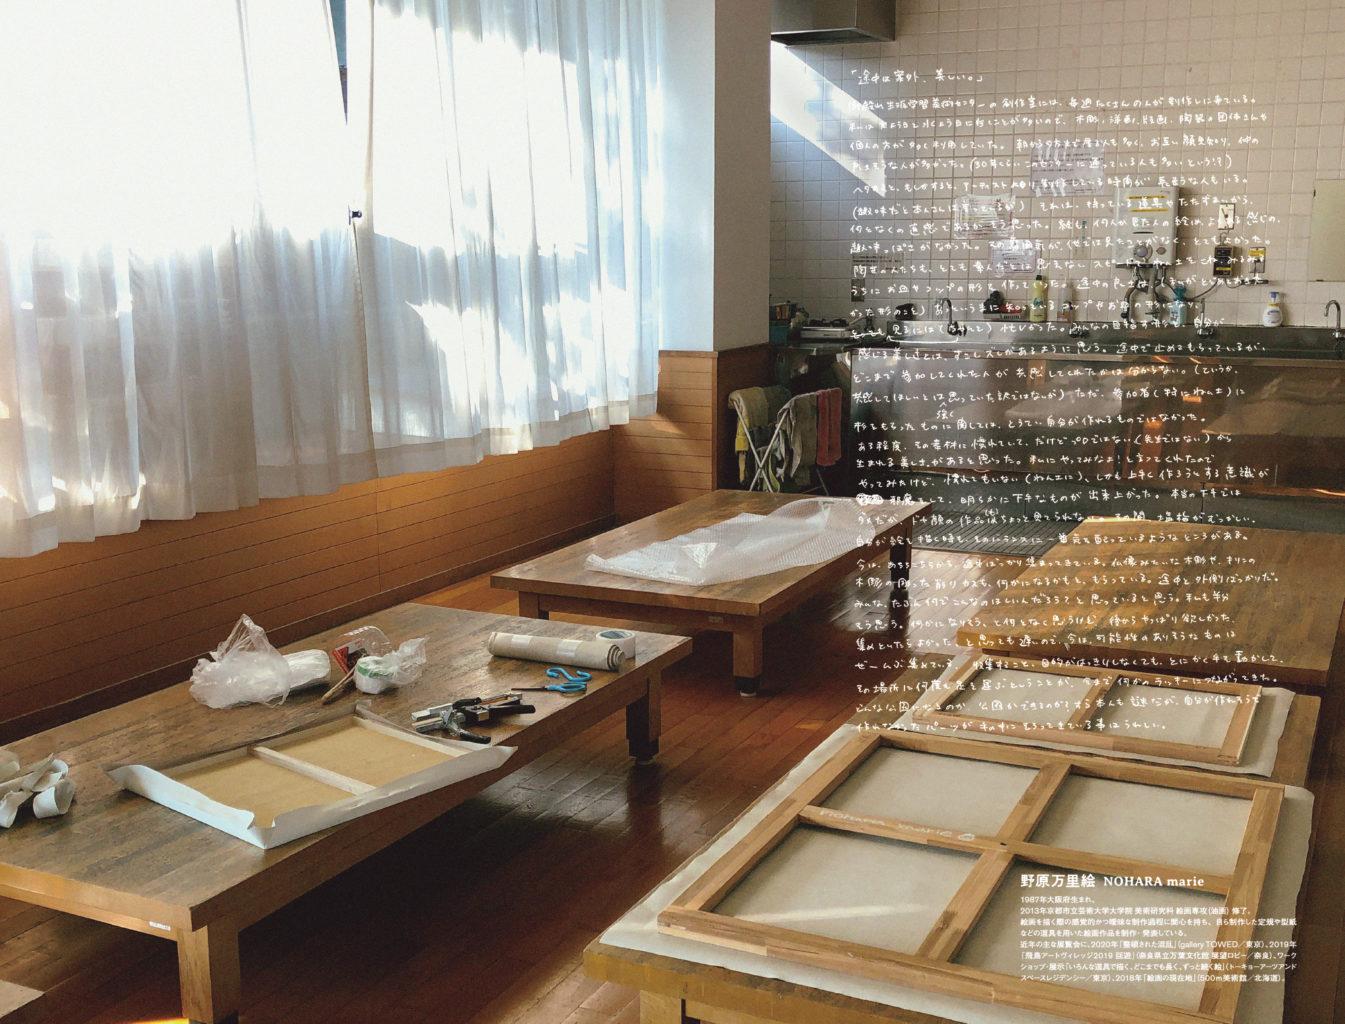 御殿山生涯学習美術センターにて、野原万里絵展「途中は案外美しい」。「架空の公園」をテーマに、市民との協働制作を経てインスタレーションを展開。